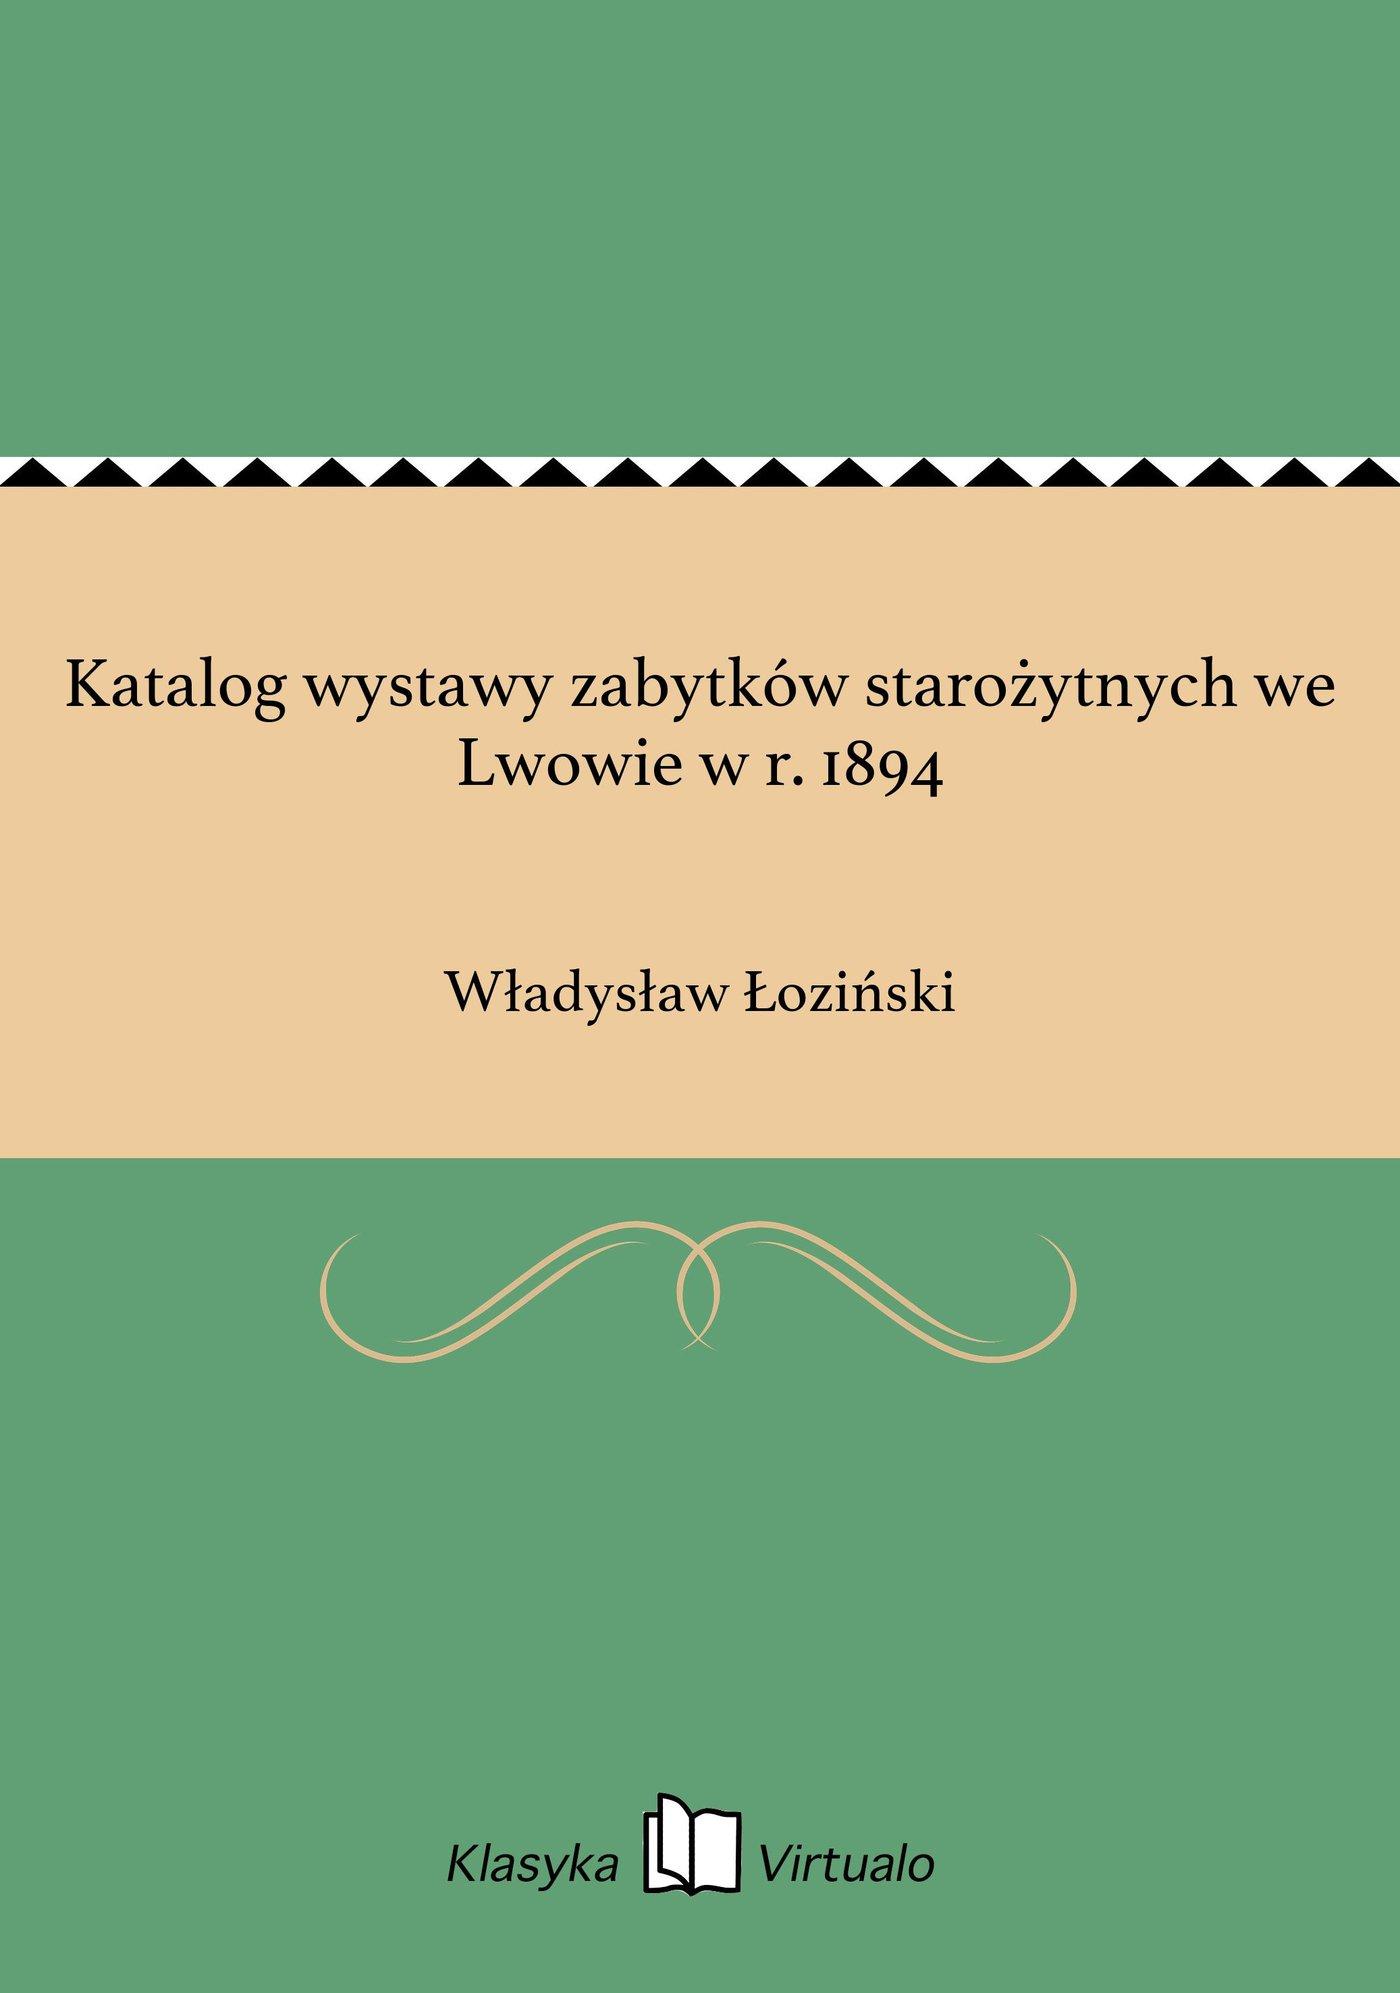 Katalog wystawy zabytków starożytnych we Lwowie w r. 1894 - Ebook (Książka EPUB) do pobrania w formacie EPUB